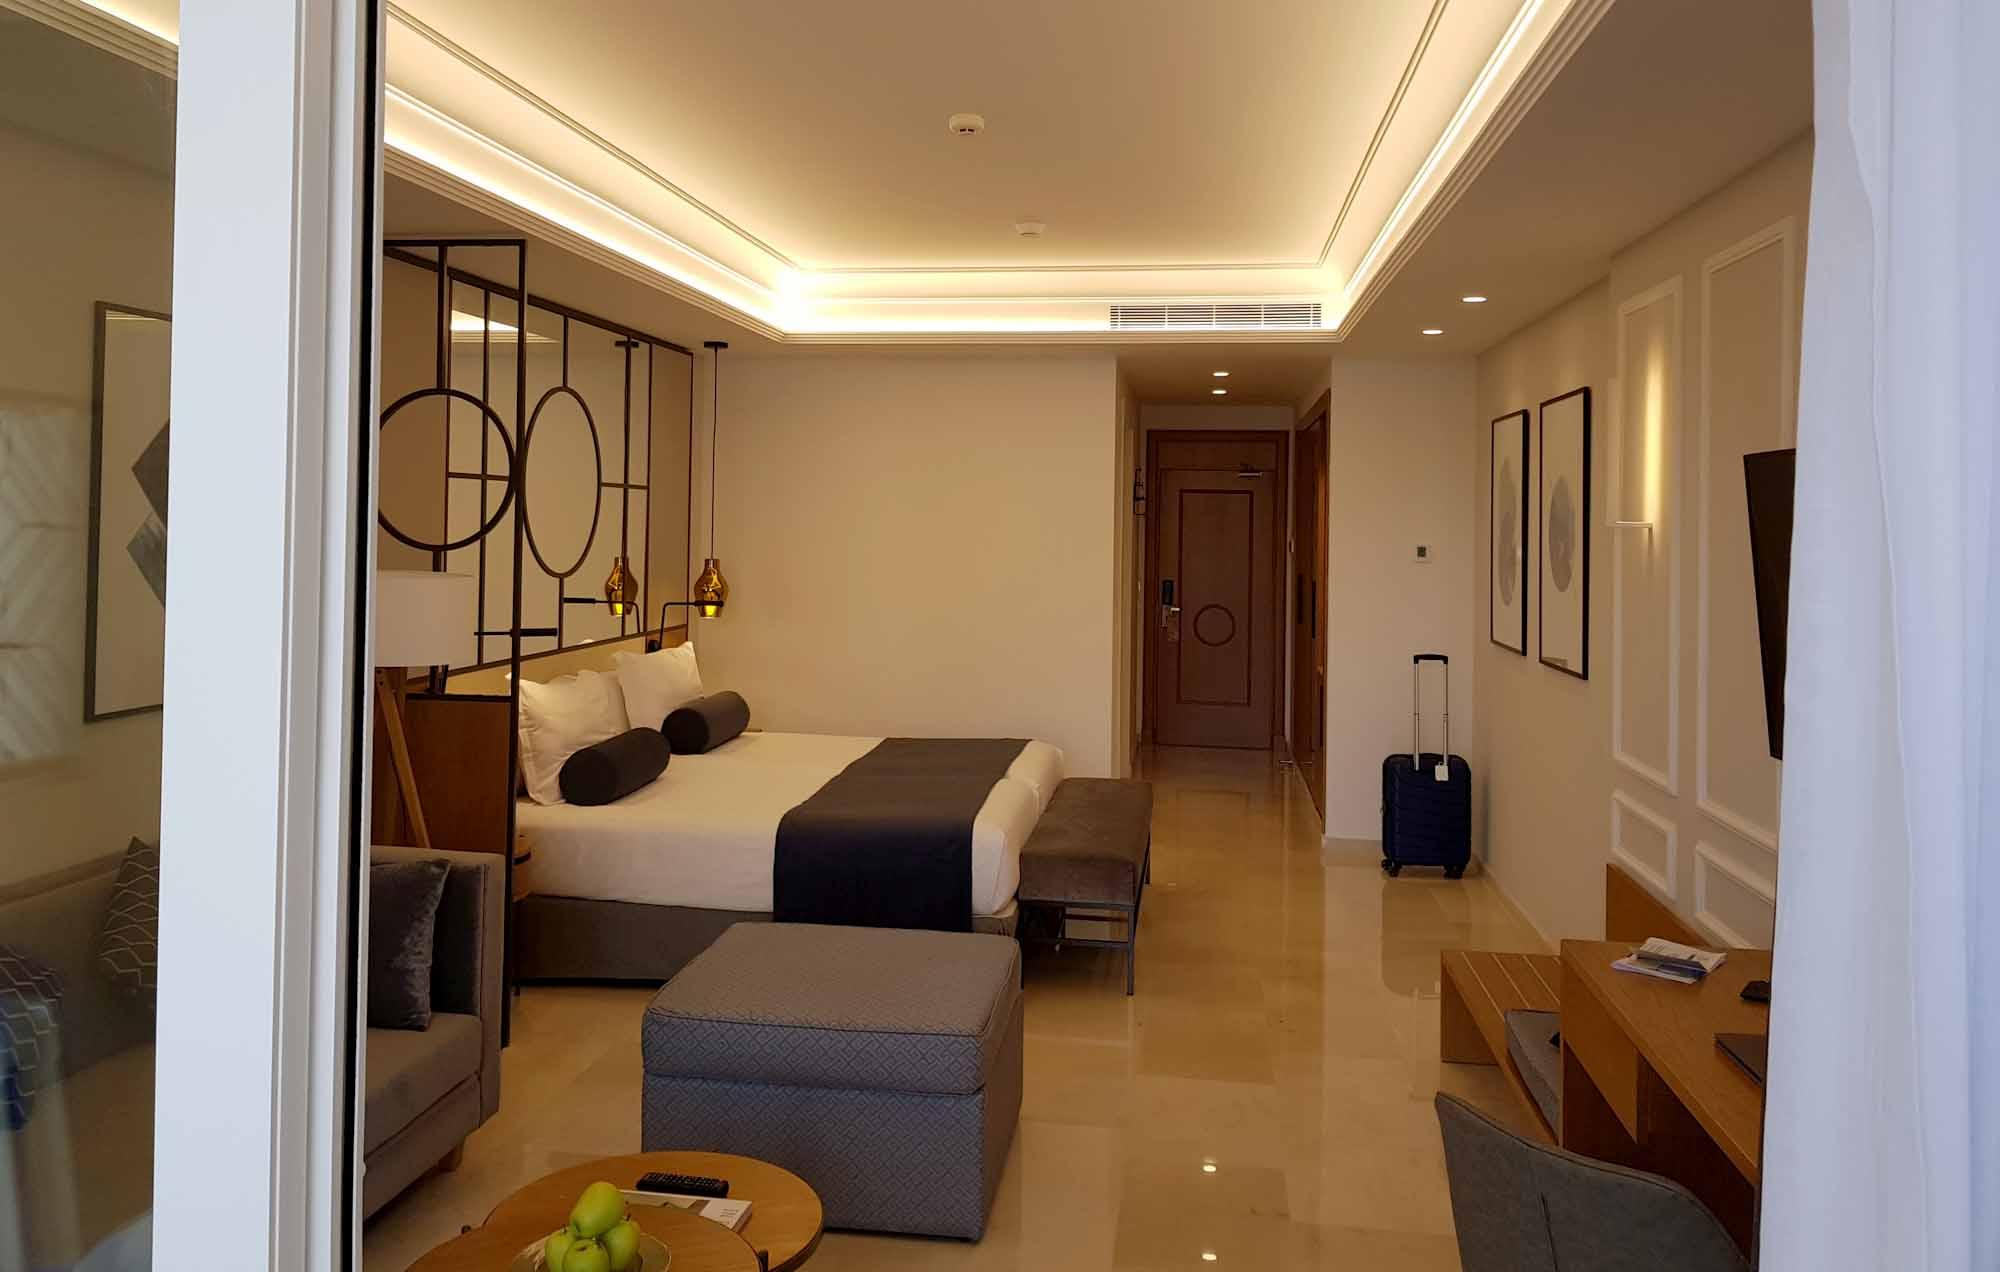 Großzügige Zimmer im Grupotel Playa de Palma Prestige Suites & Spa. / Foto: Ingo Paszkowsky